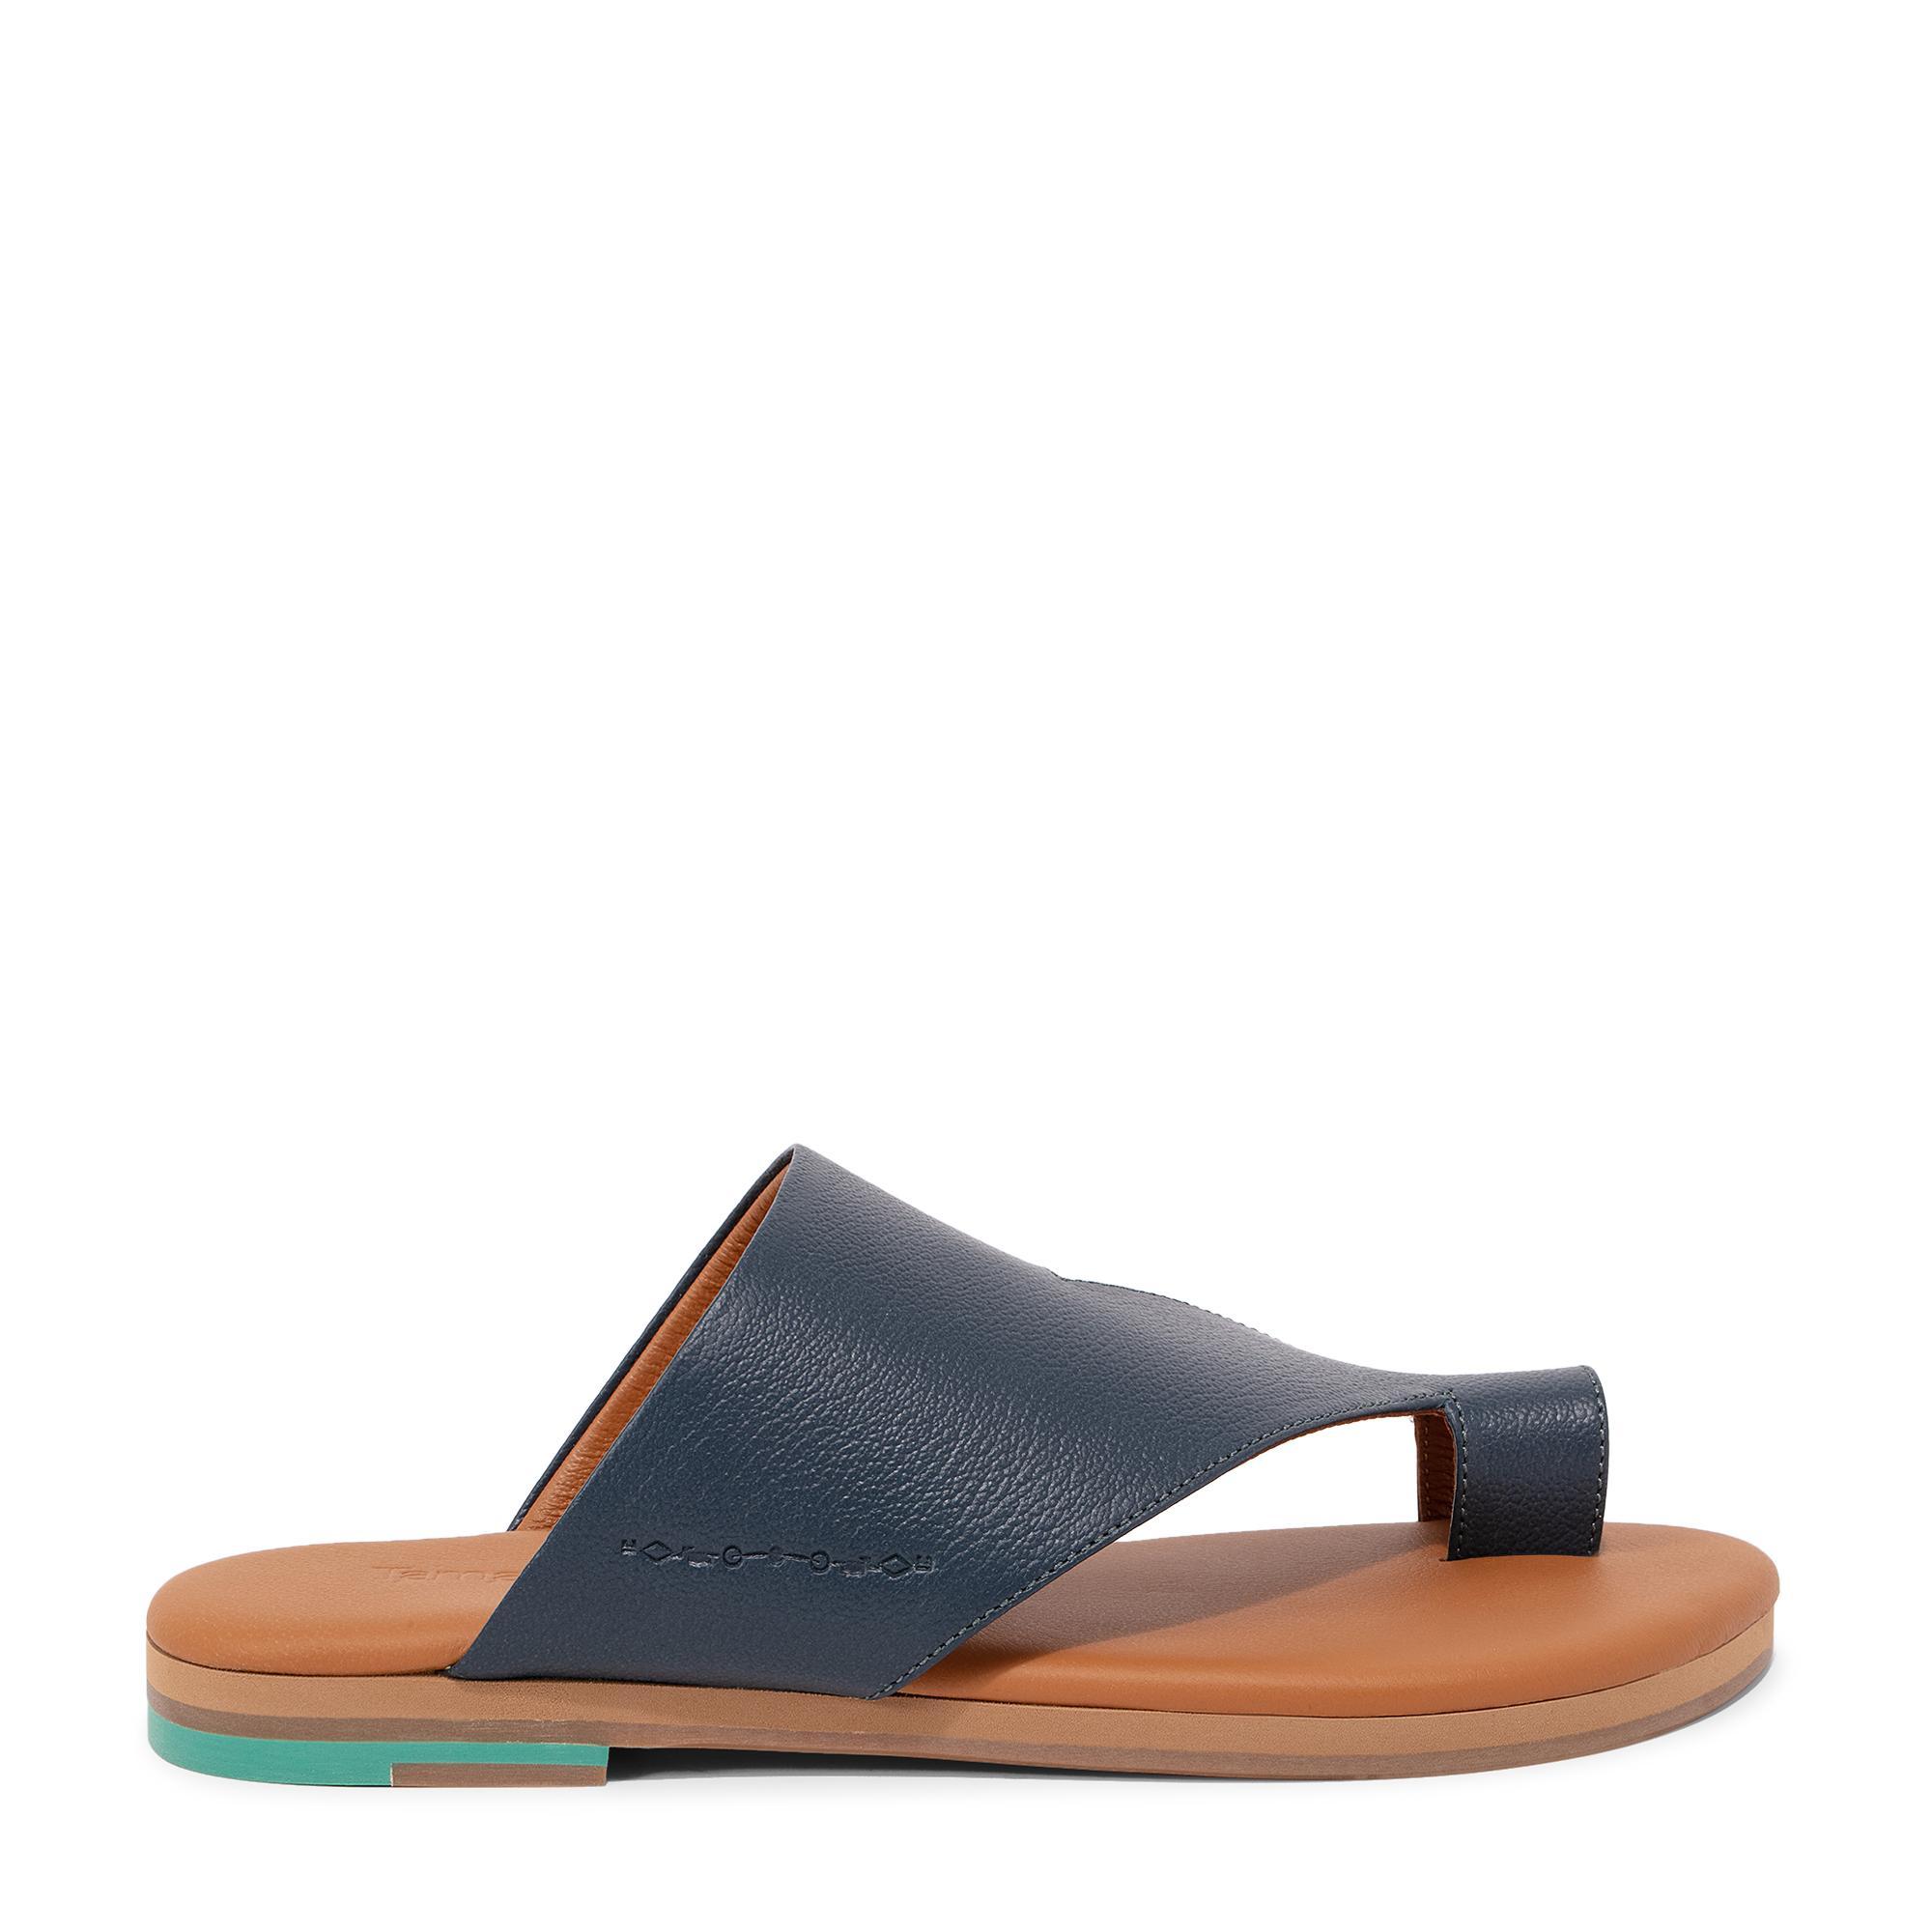 Zaa sandals